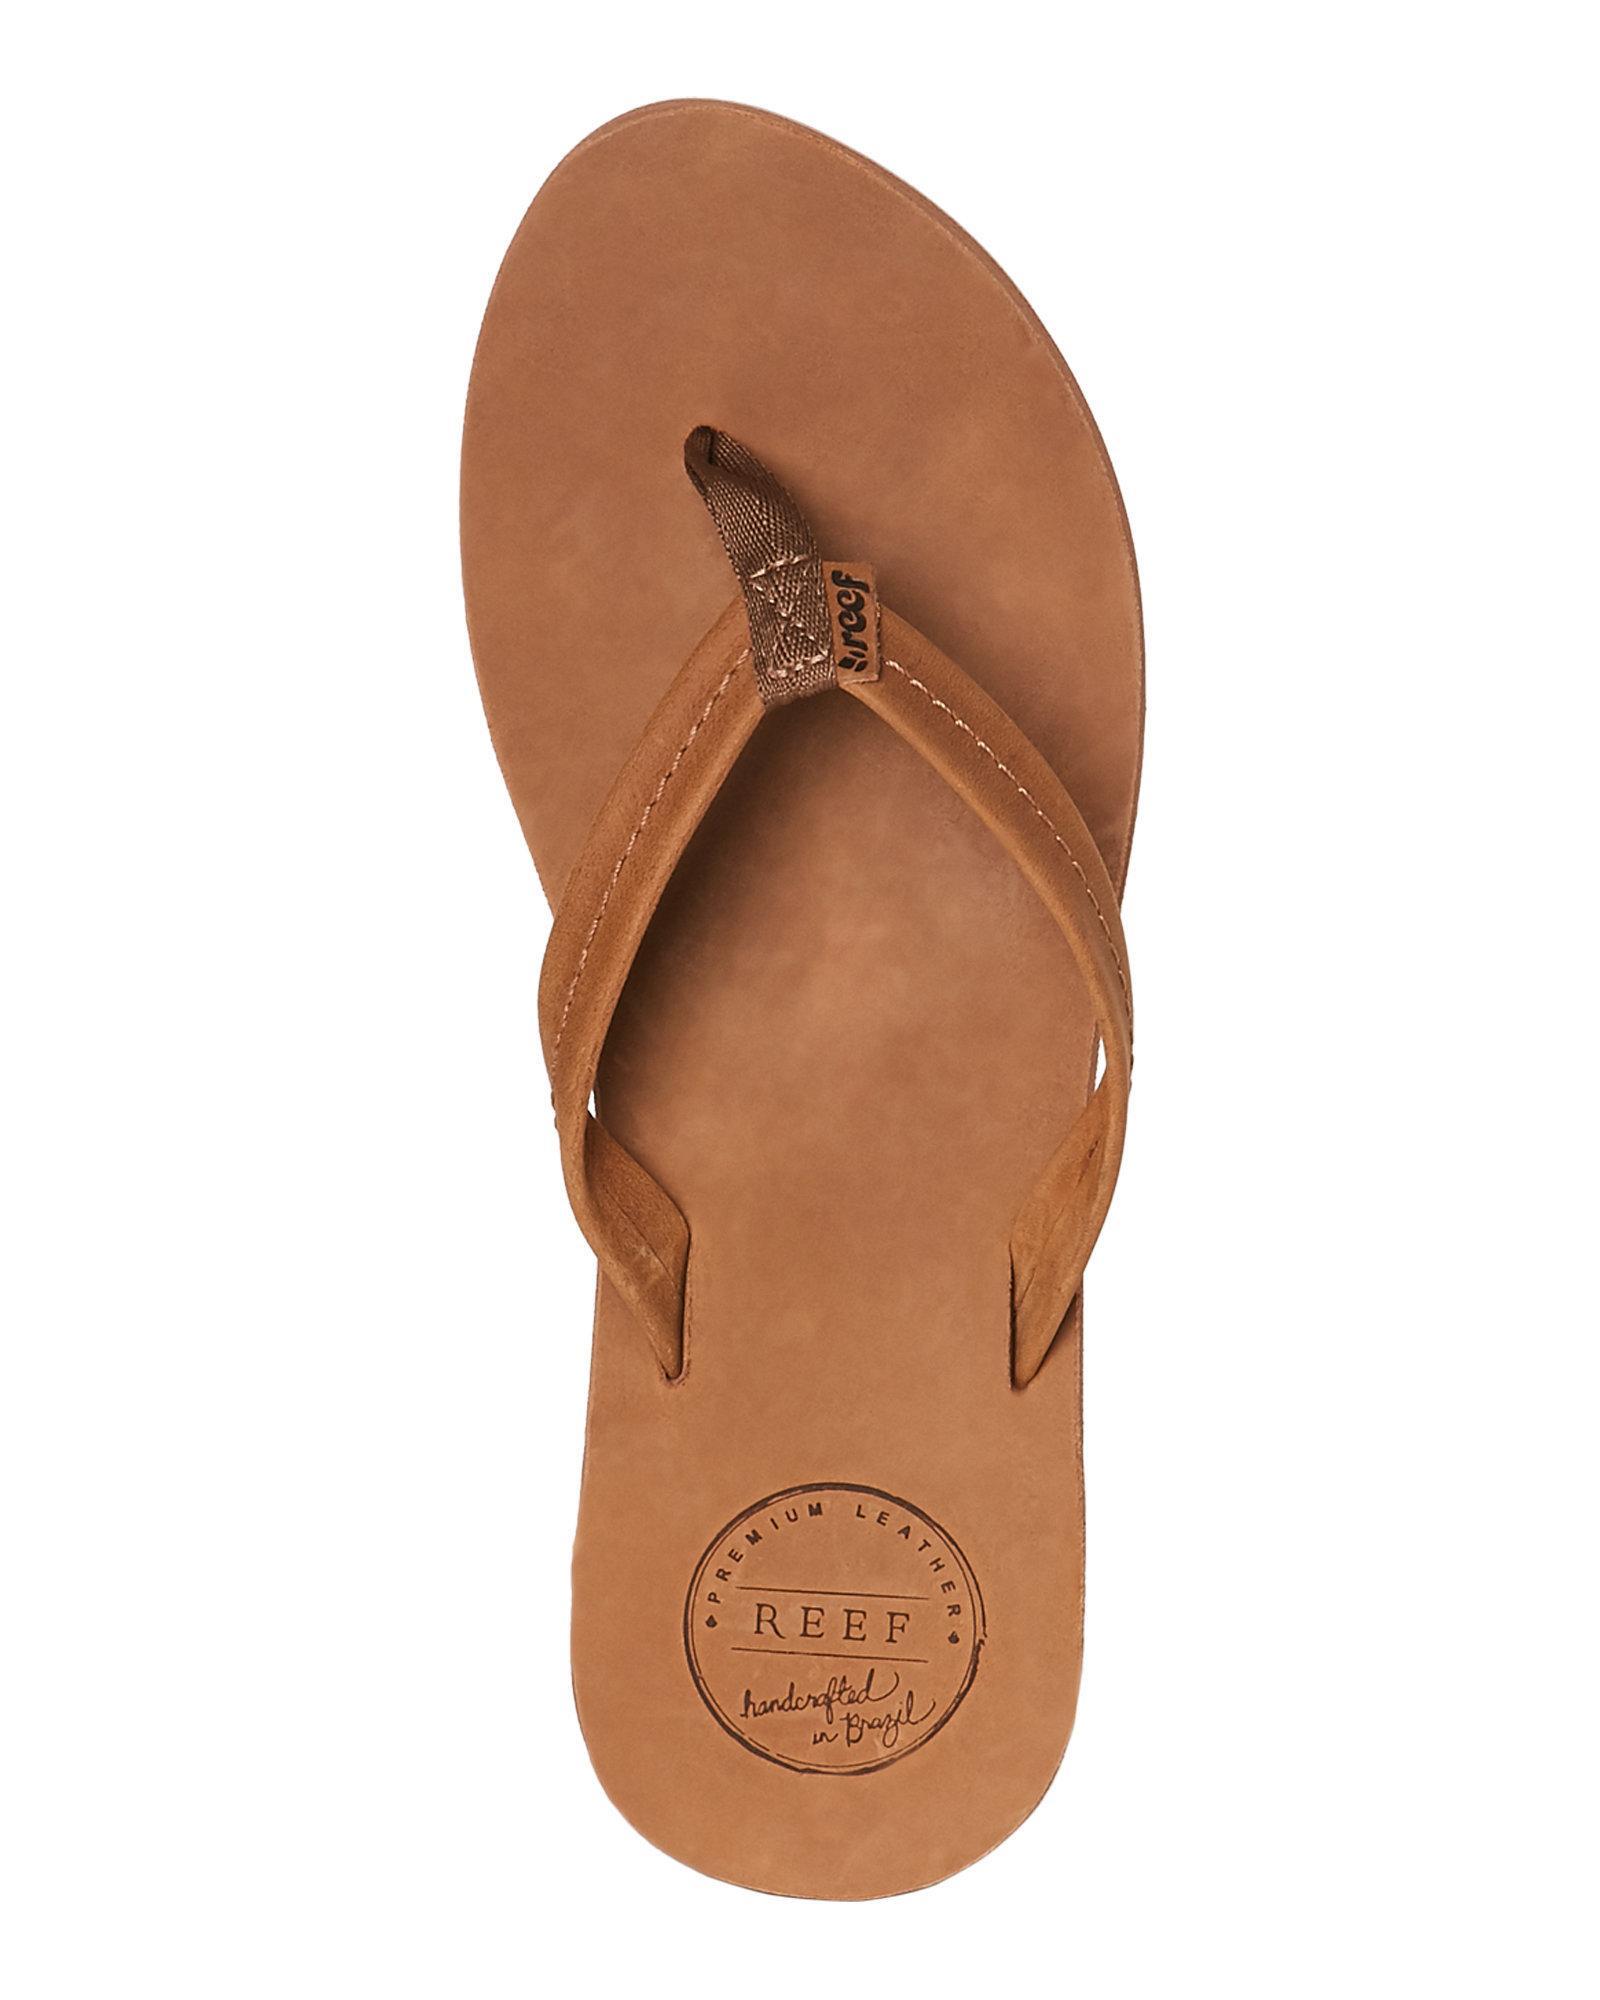 kwaliteit nieuwe high nieuwe afbeeldingen van Reef Brown Tobacco Chill Leather Flip Flops